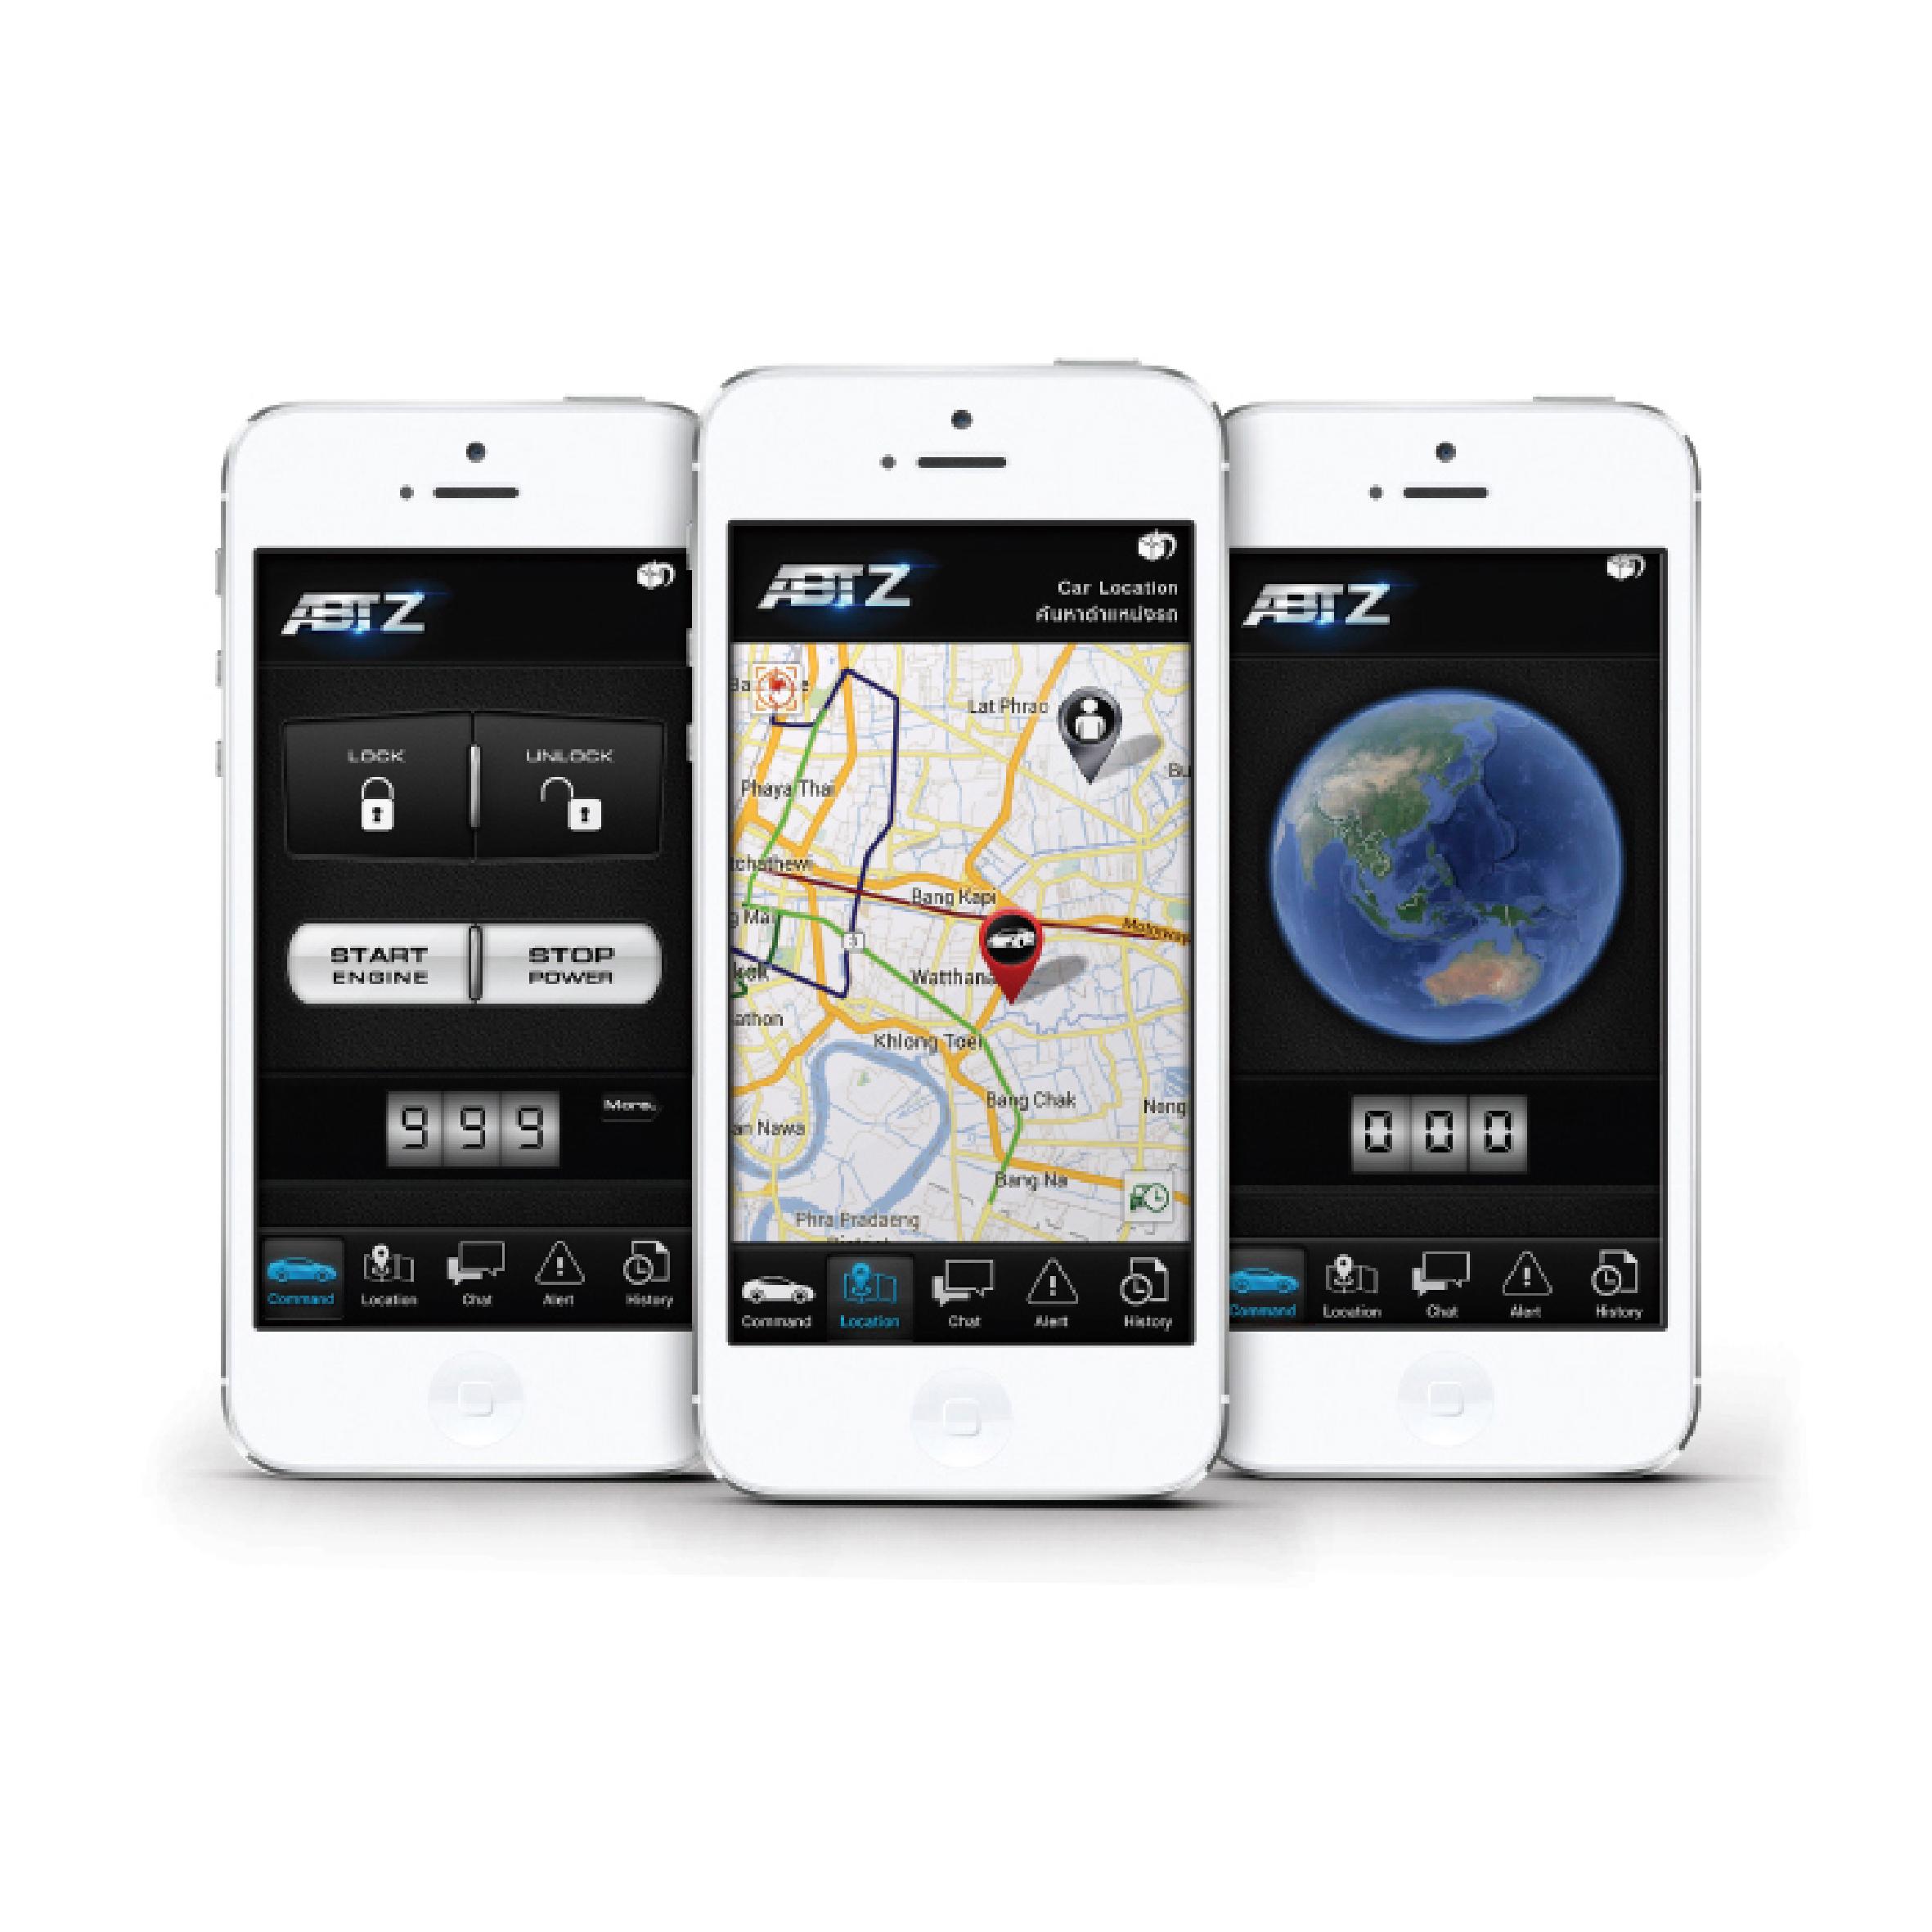 ABTZ GPS, จีพีเอสติดตามรถยนต์, สัญญาณกันขโมยรถยนต์, ตัดสตาร์ท